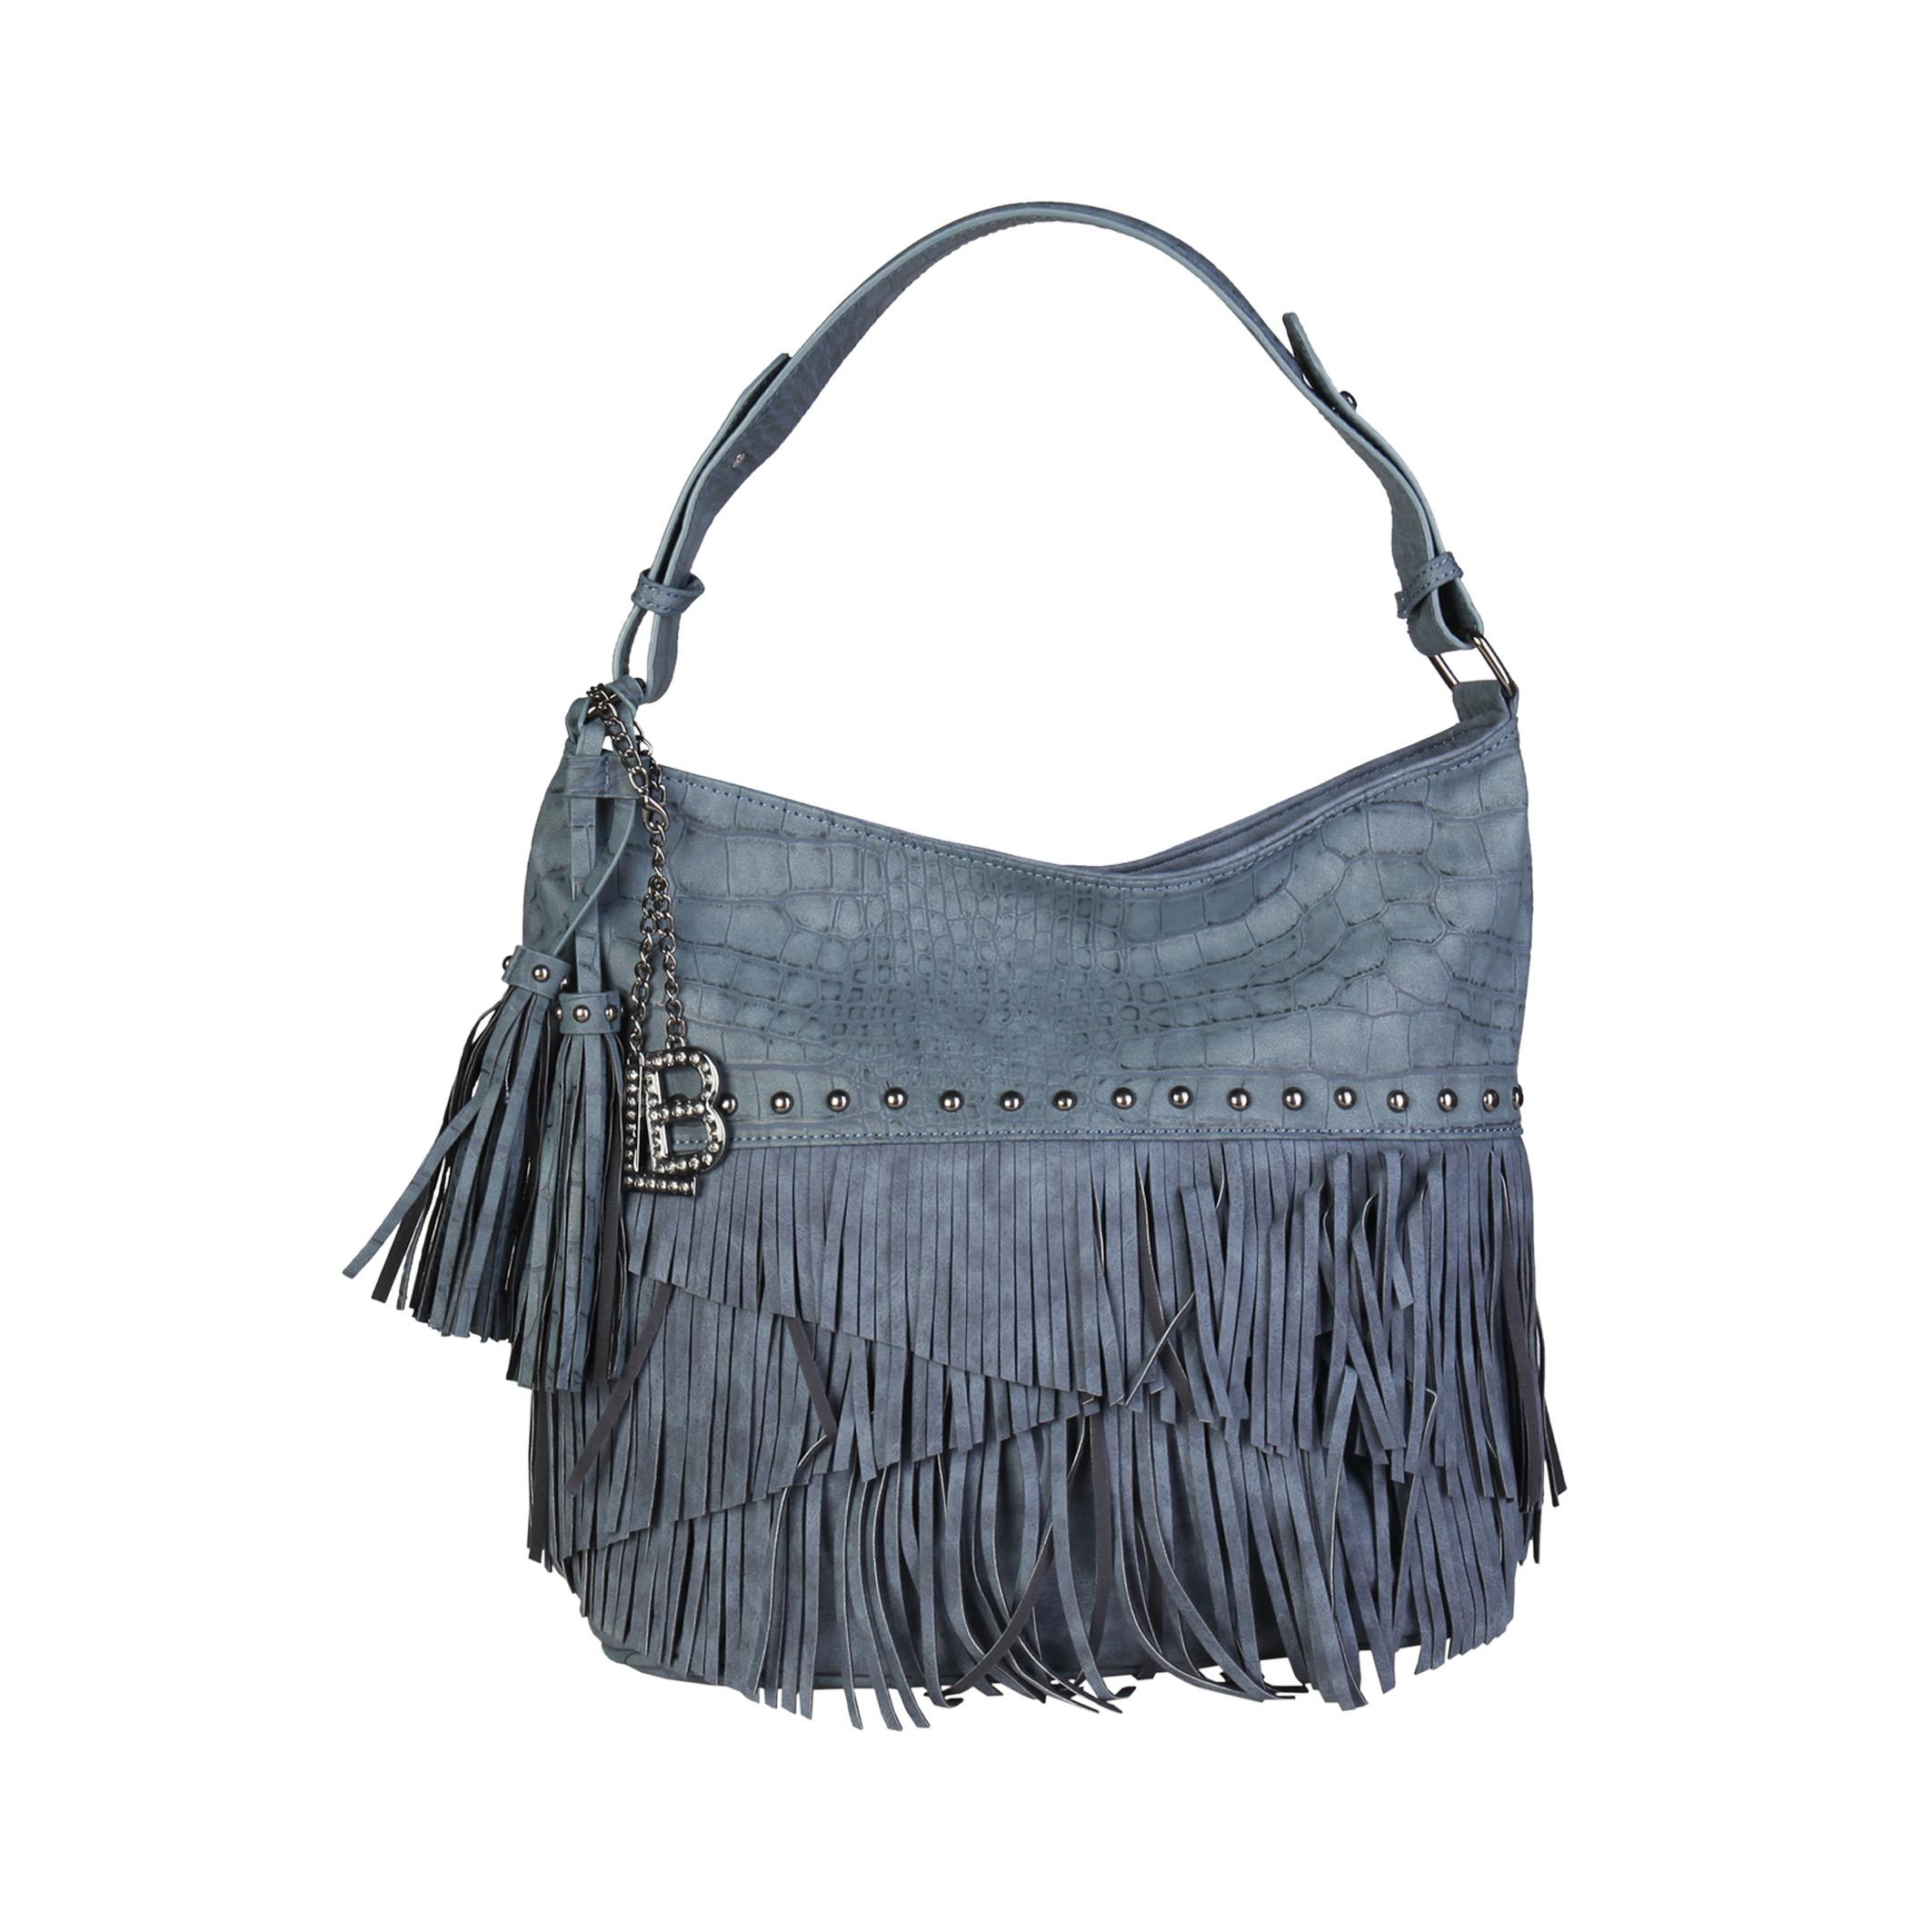 Nagykereskedelem Váll - Nagykereskedelmi értékesítés Márkás táskák ... c056b1adff